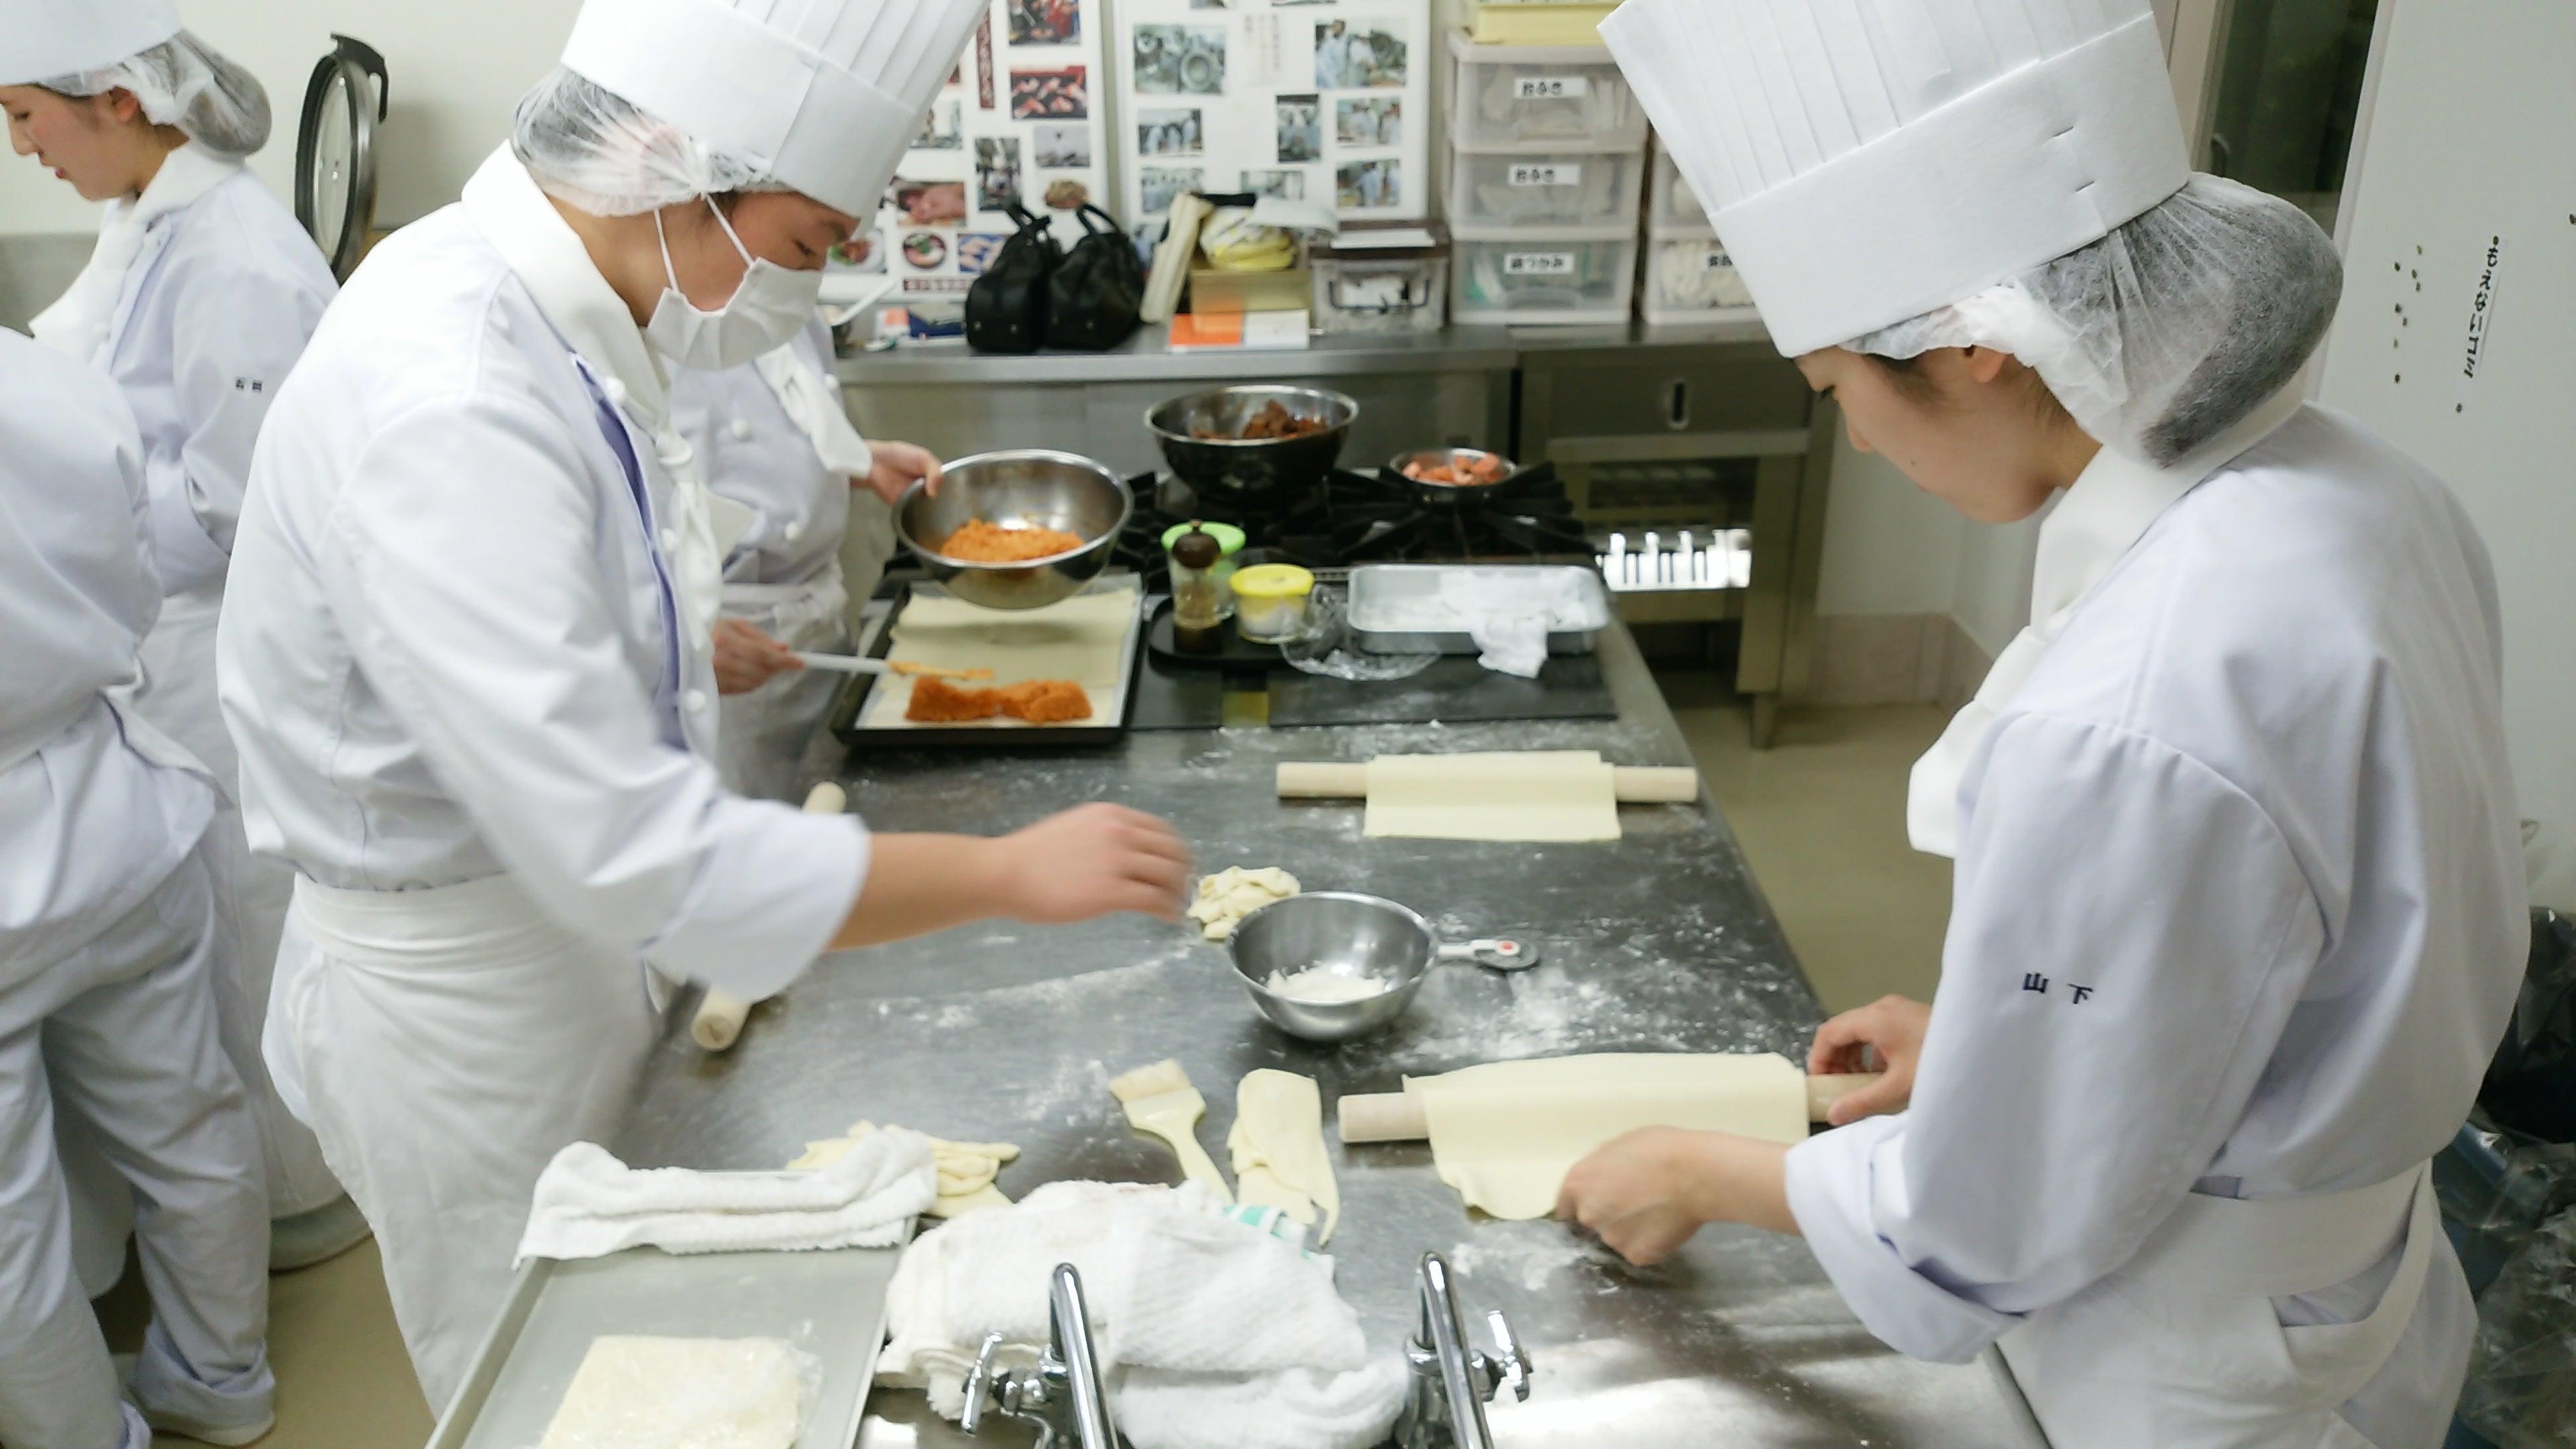 金沢製菓調理専門学校のブログクービアック ドゥ サーモン???